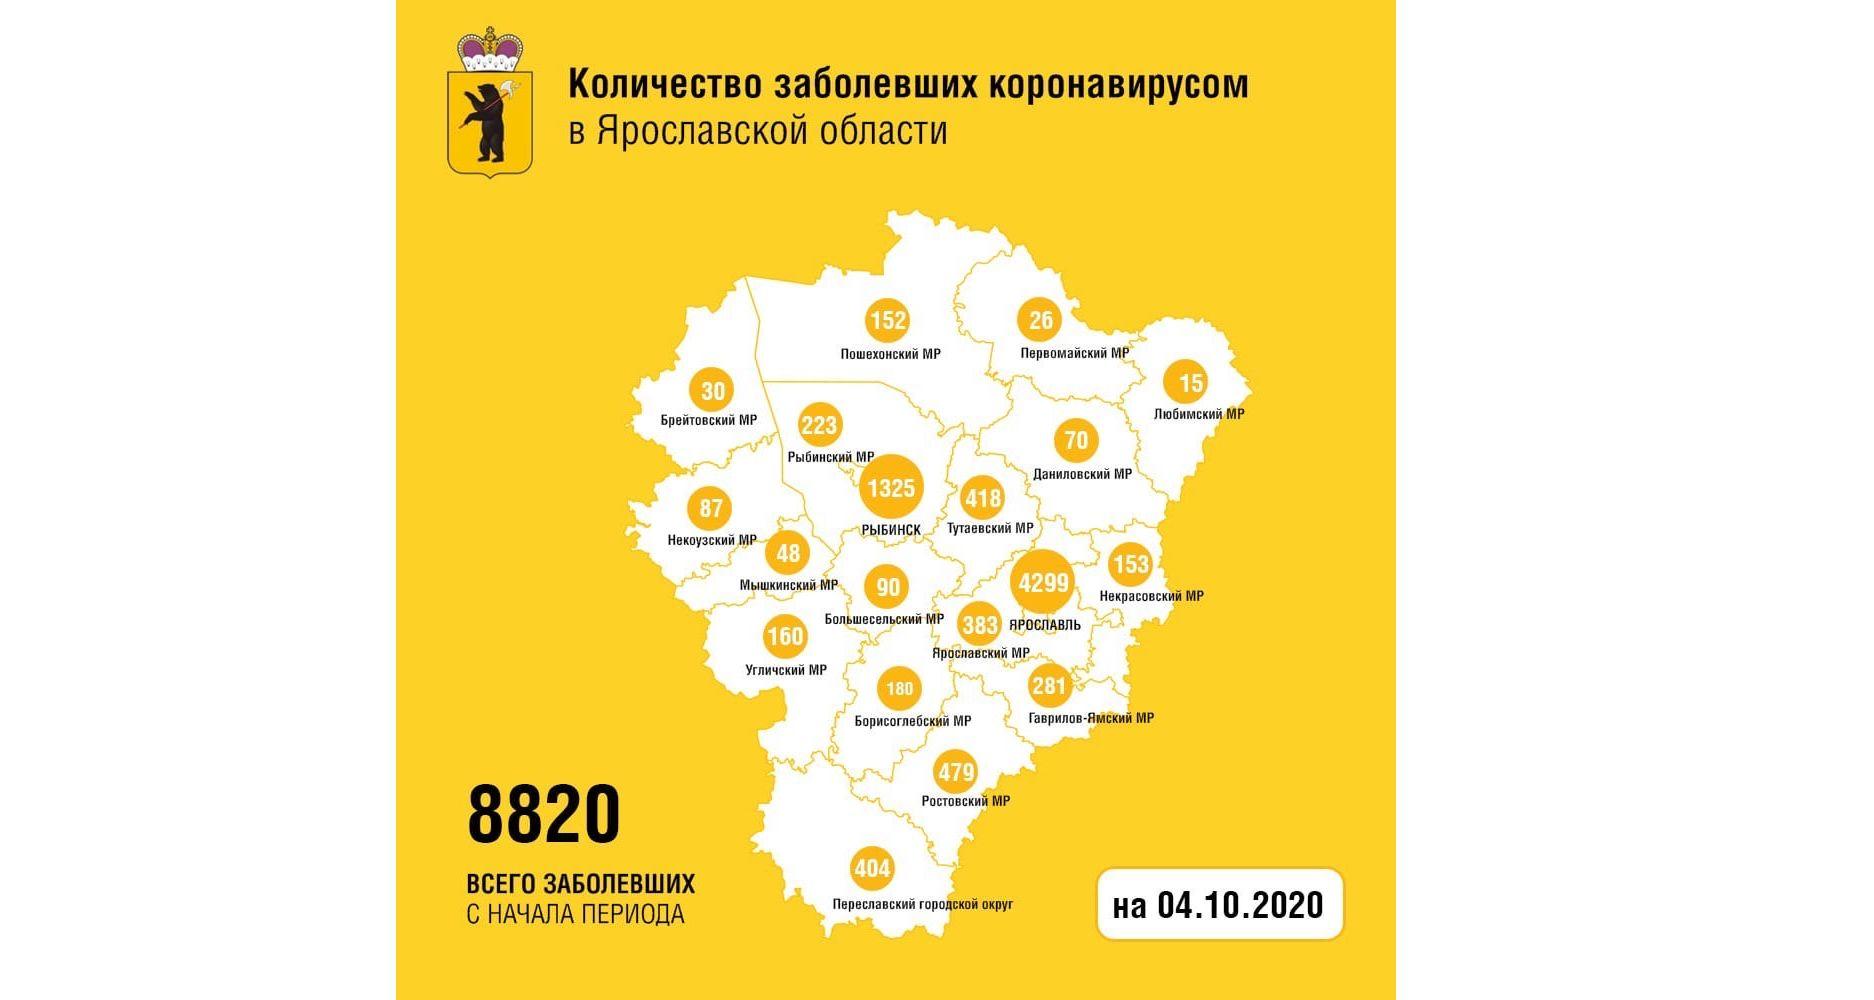 В Ярославской области от коронавируса вылечились еще 10 человек